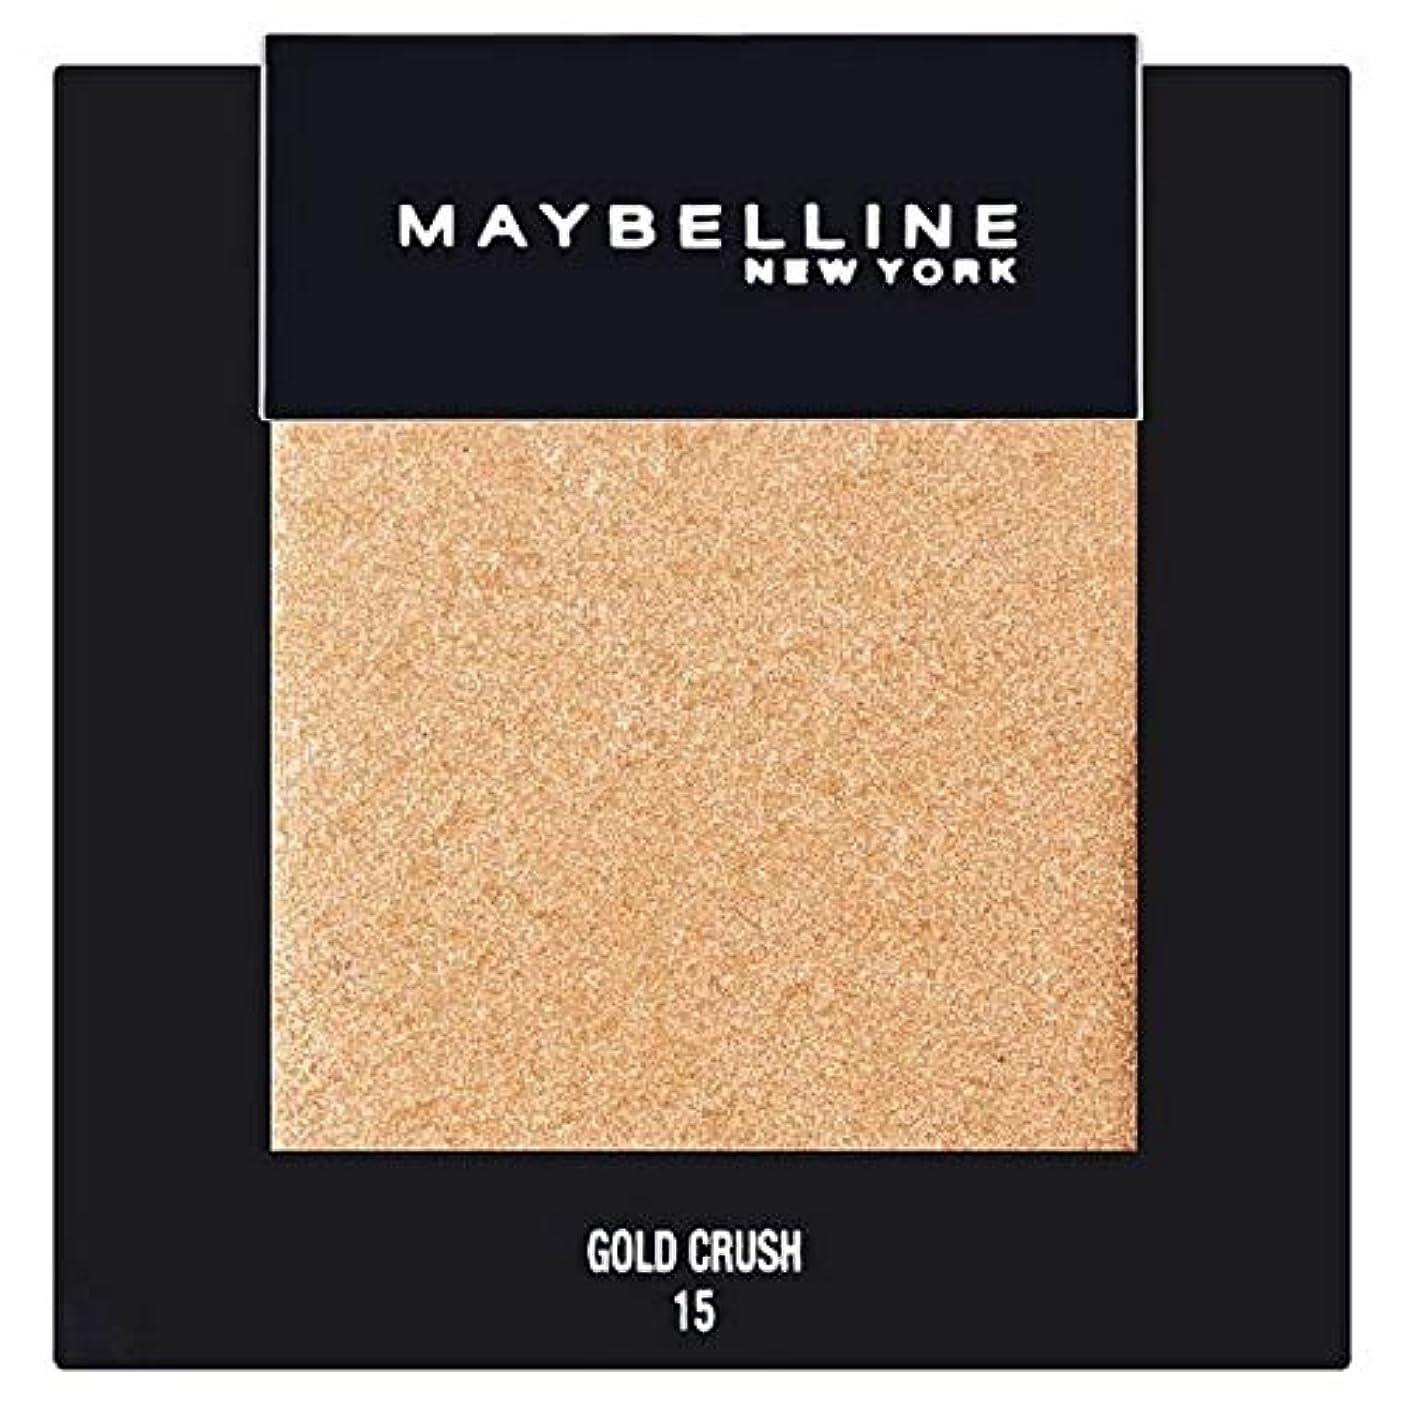 局カートリッジ開示する[Maybelline ] メイベリンカラーショーシングルアイシャドウ15金クラッシュ - Maybelline Color Show Single Eyeshadow 15 Gold Crush [並行輸入品]